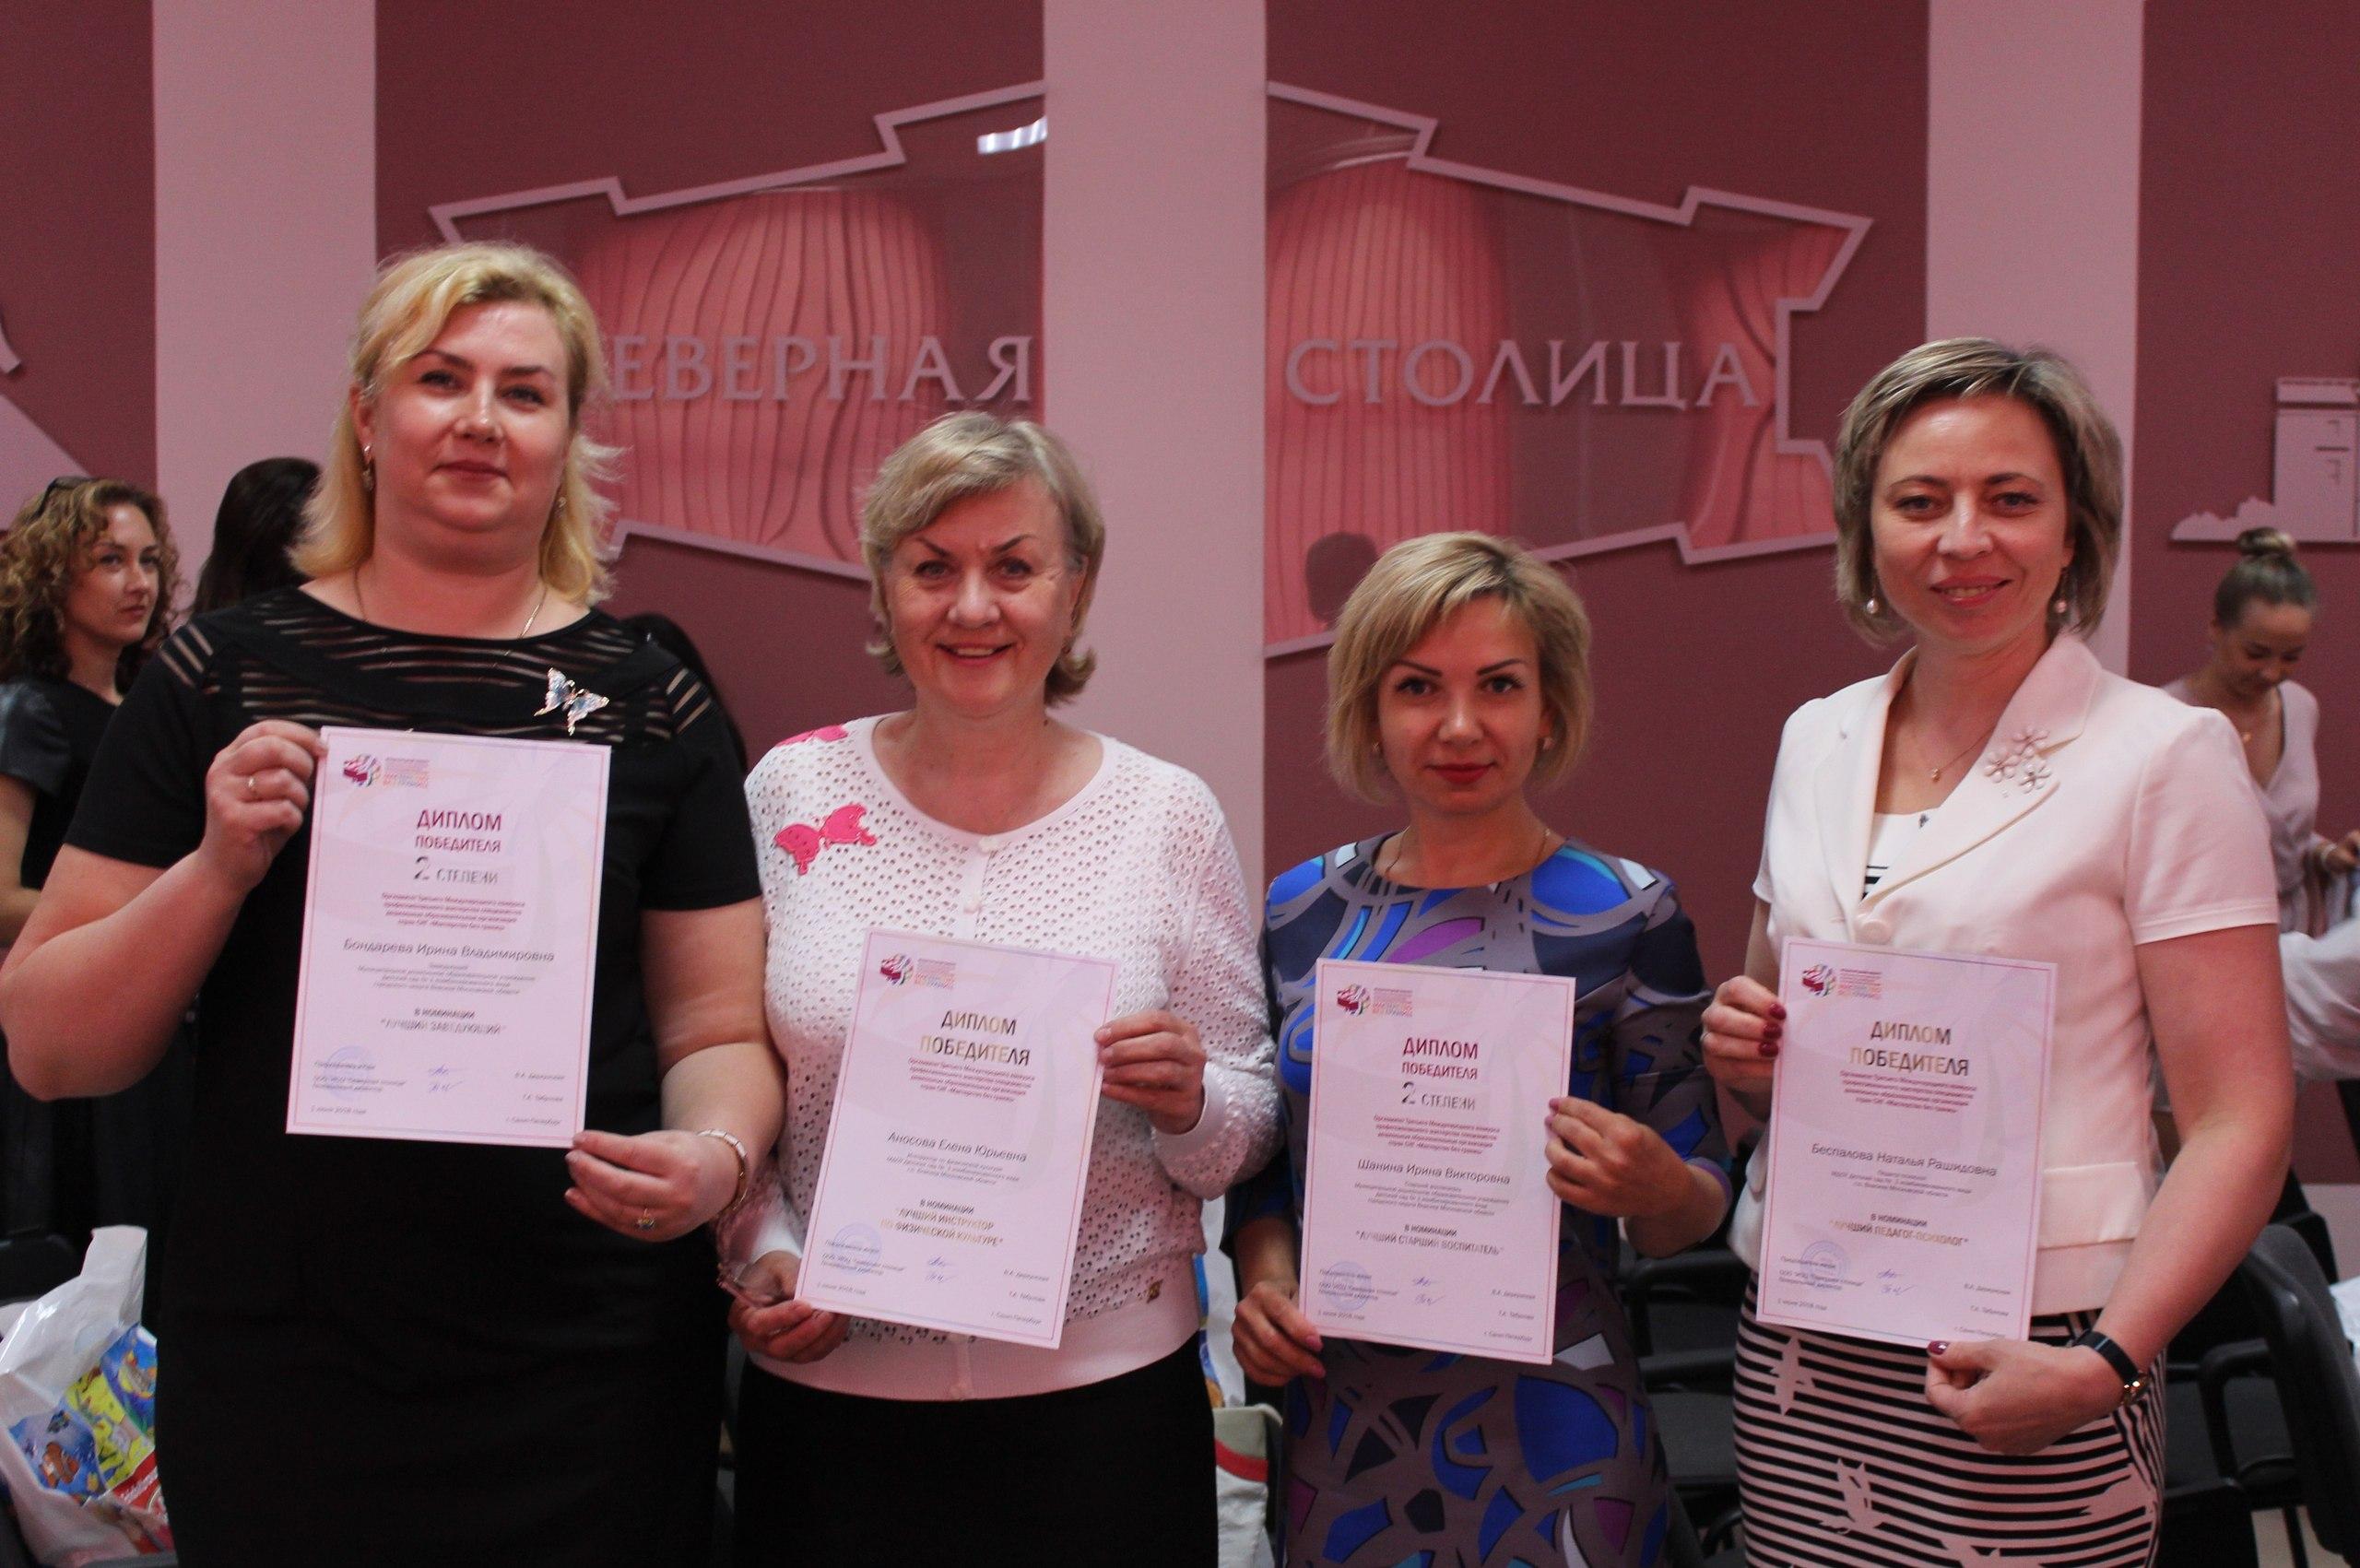 Участники третьего международного конкурса профессионального мастерства специалистов дошкольных образовательных организаций делятся своими впечатлениями и эмоциями!